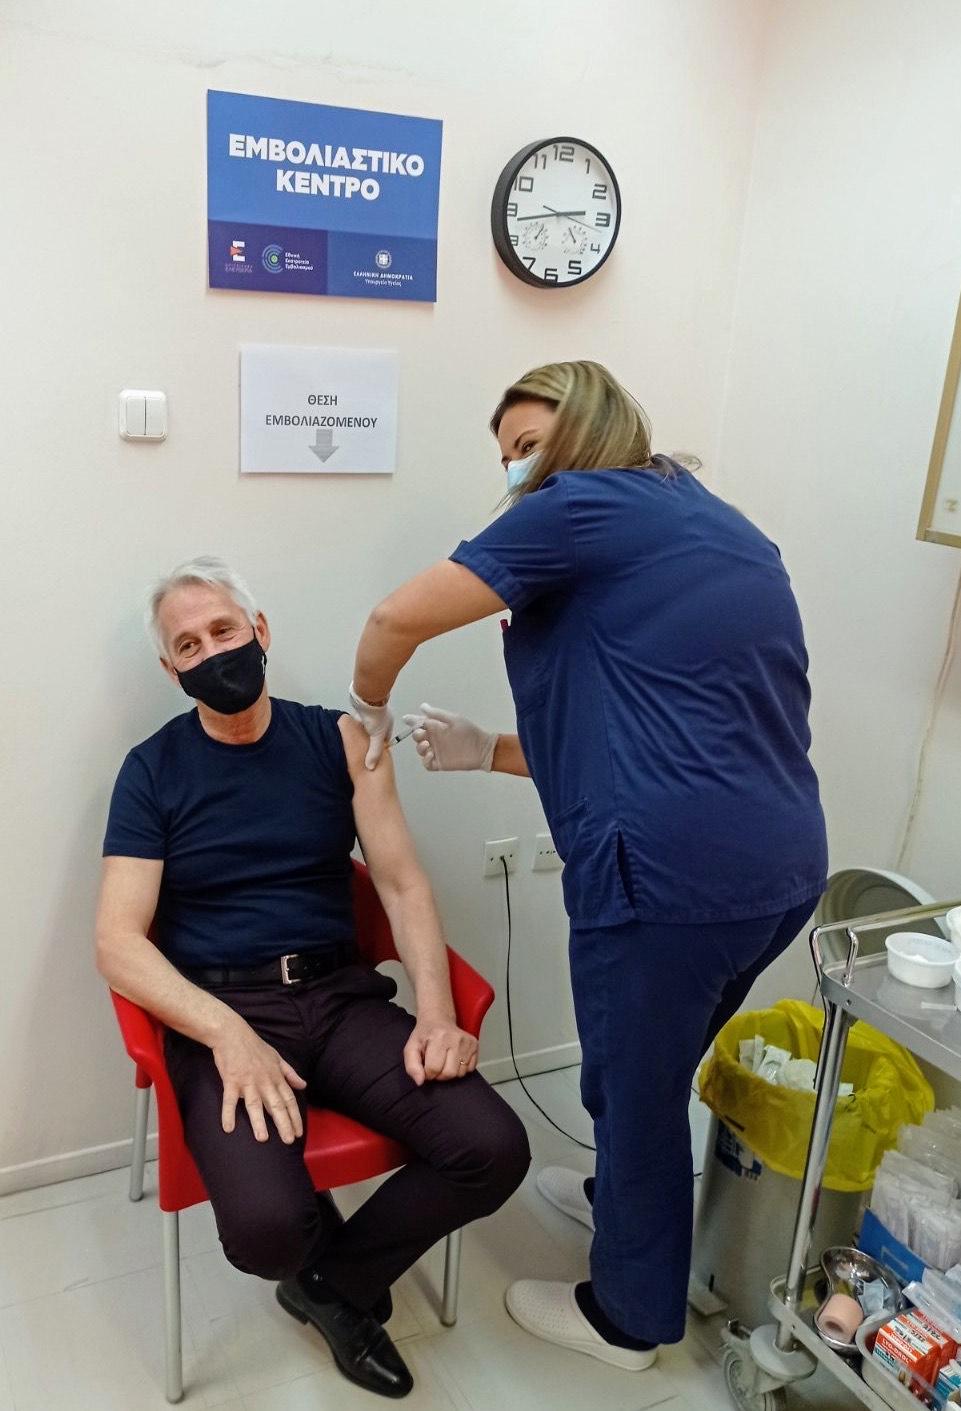 Εμβολιάστηκε με AstraZeneca ο Δήμαρχος Ξάνθης [ΦΩΤΟ]